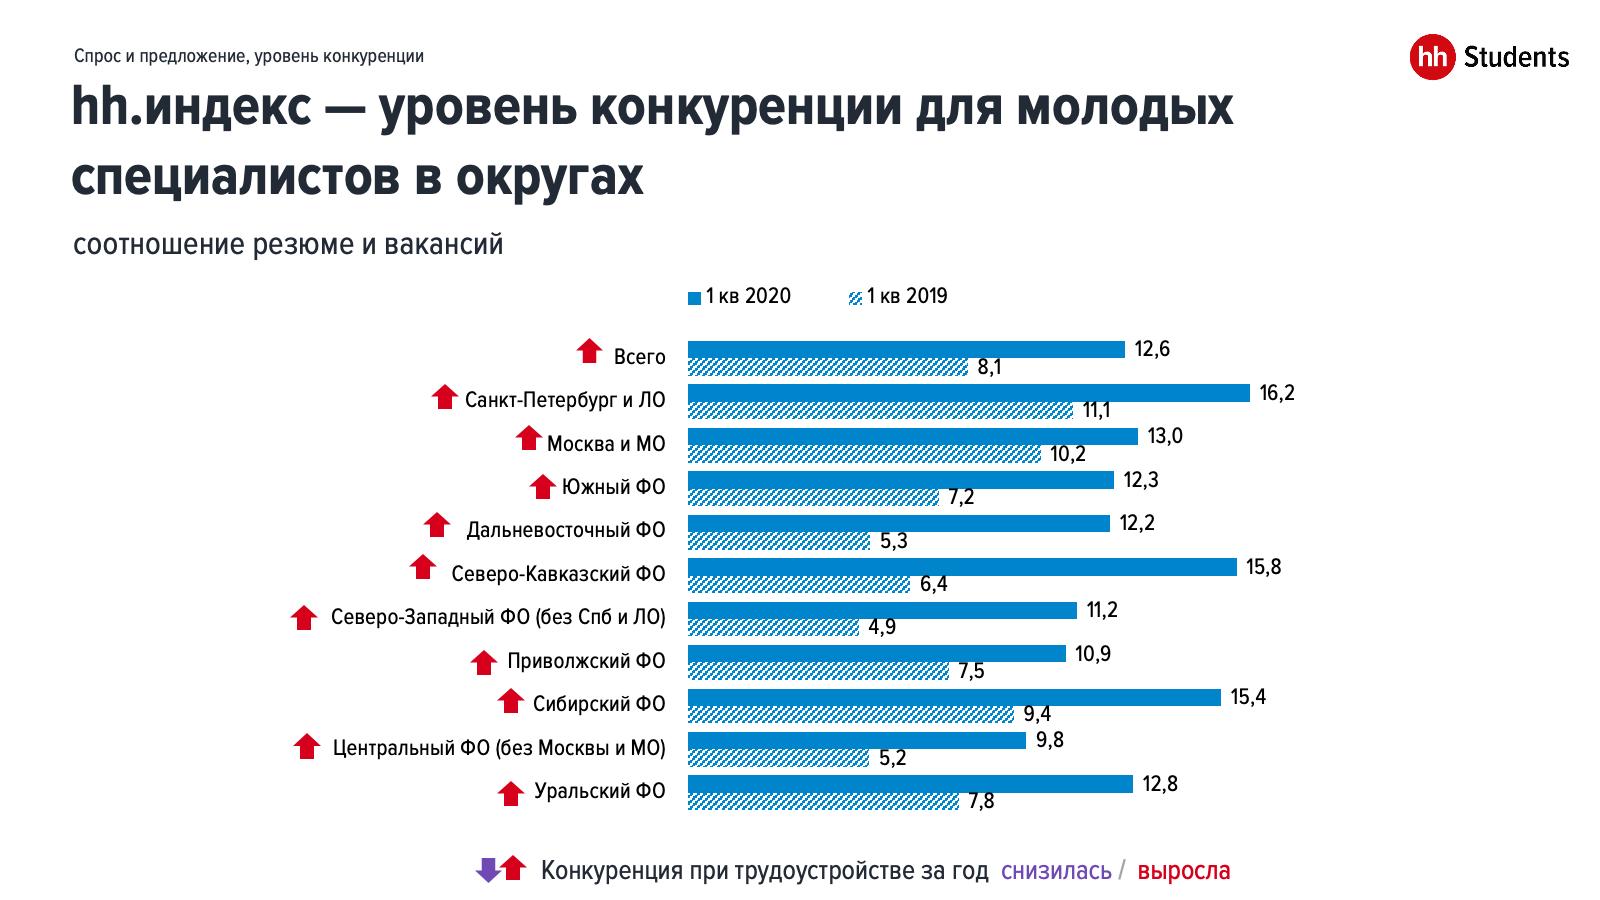 Уровень конкуренции среди молодых специалистов — hh-индекс